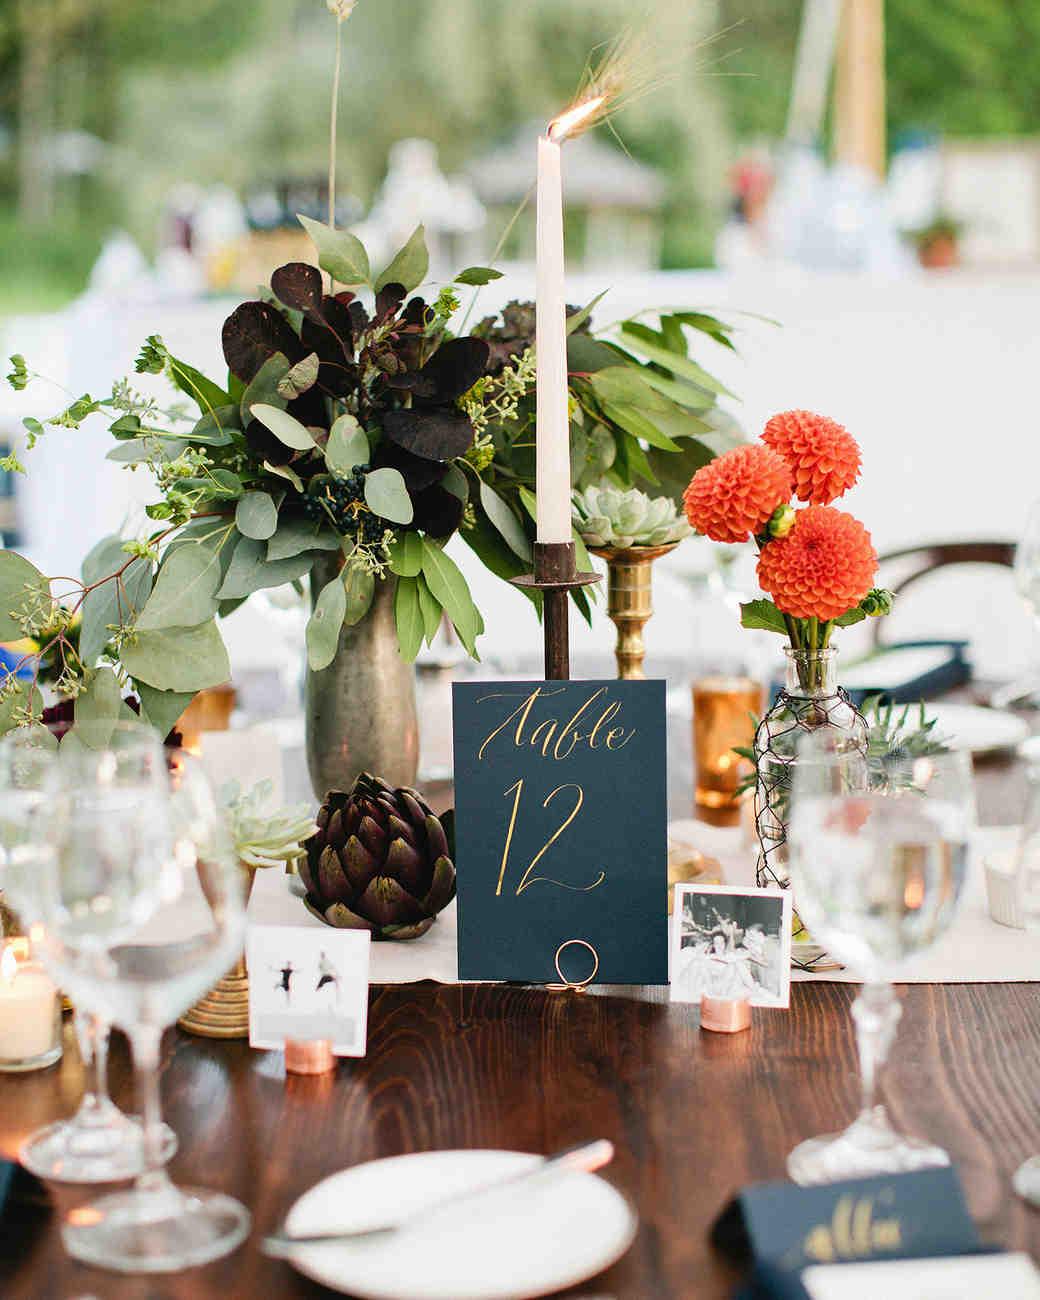 Nápady na číslovanie svadobných stolov - Obrázok č. 100